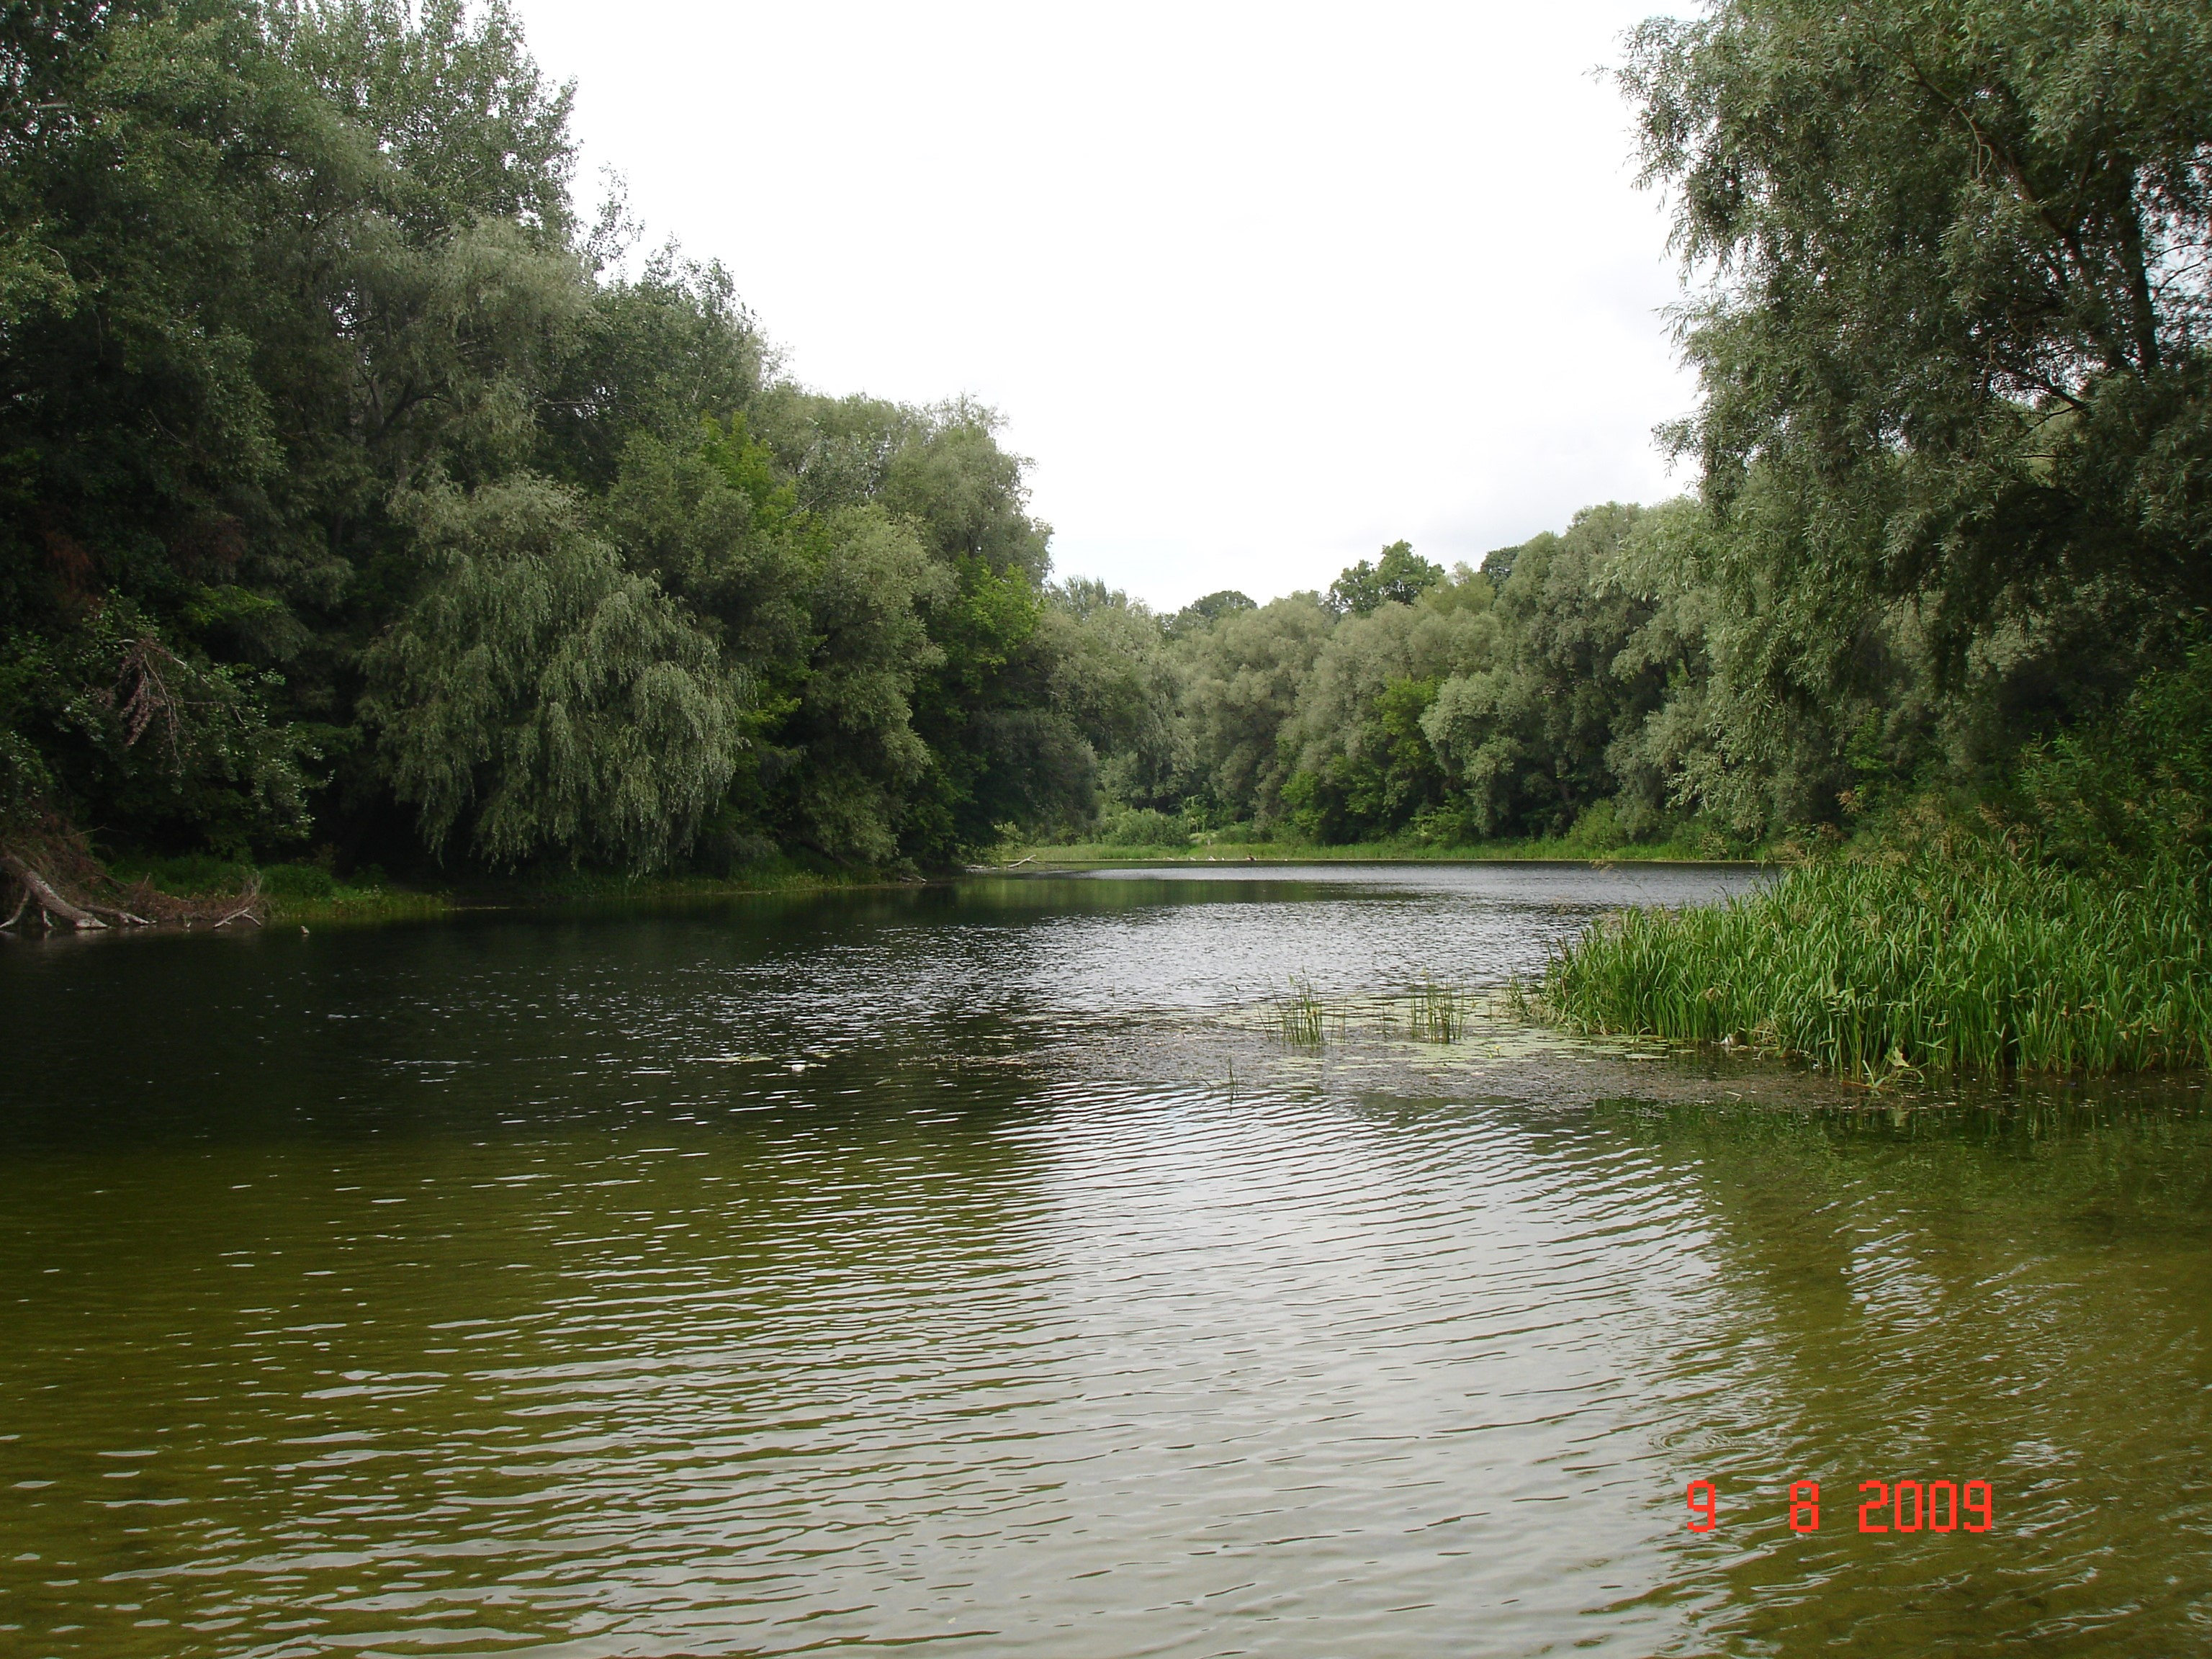 Так виглядає Сейм у Путивлі. Фото — Тетяна Чернецька (2009).